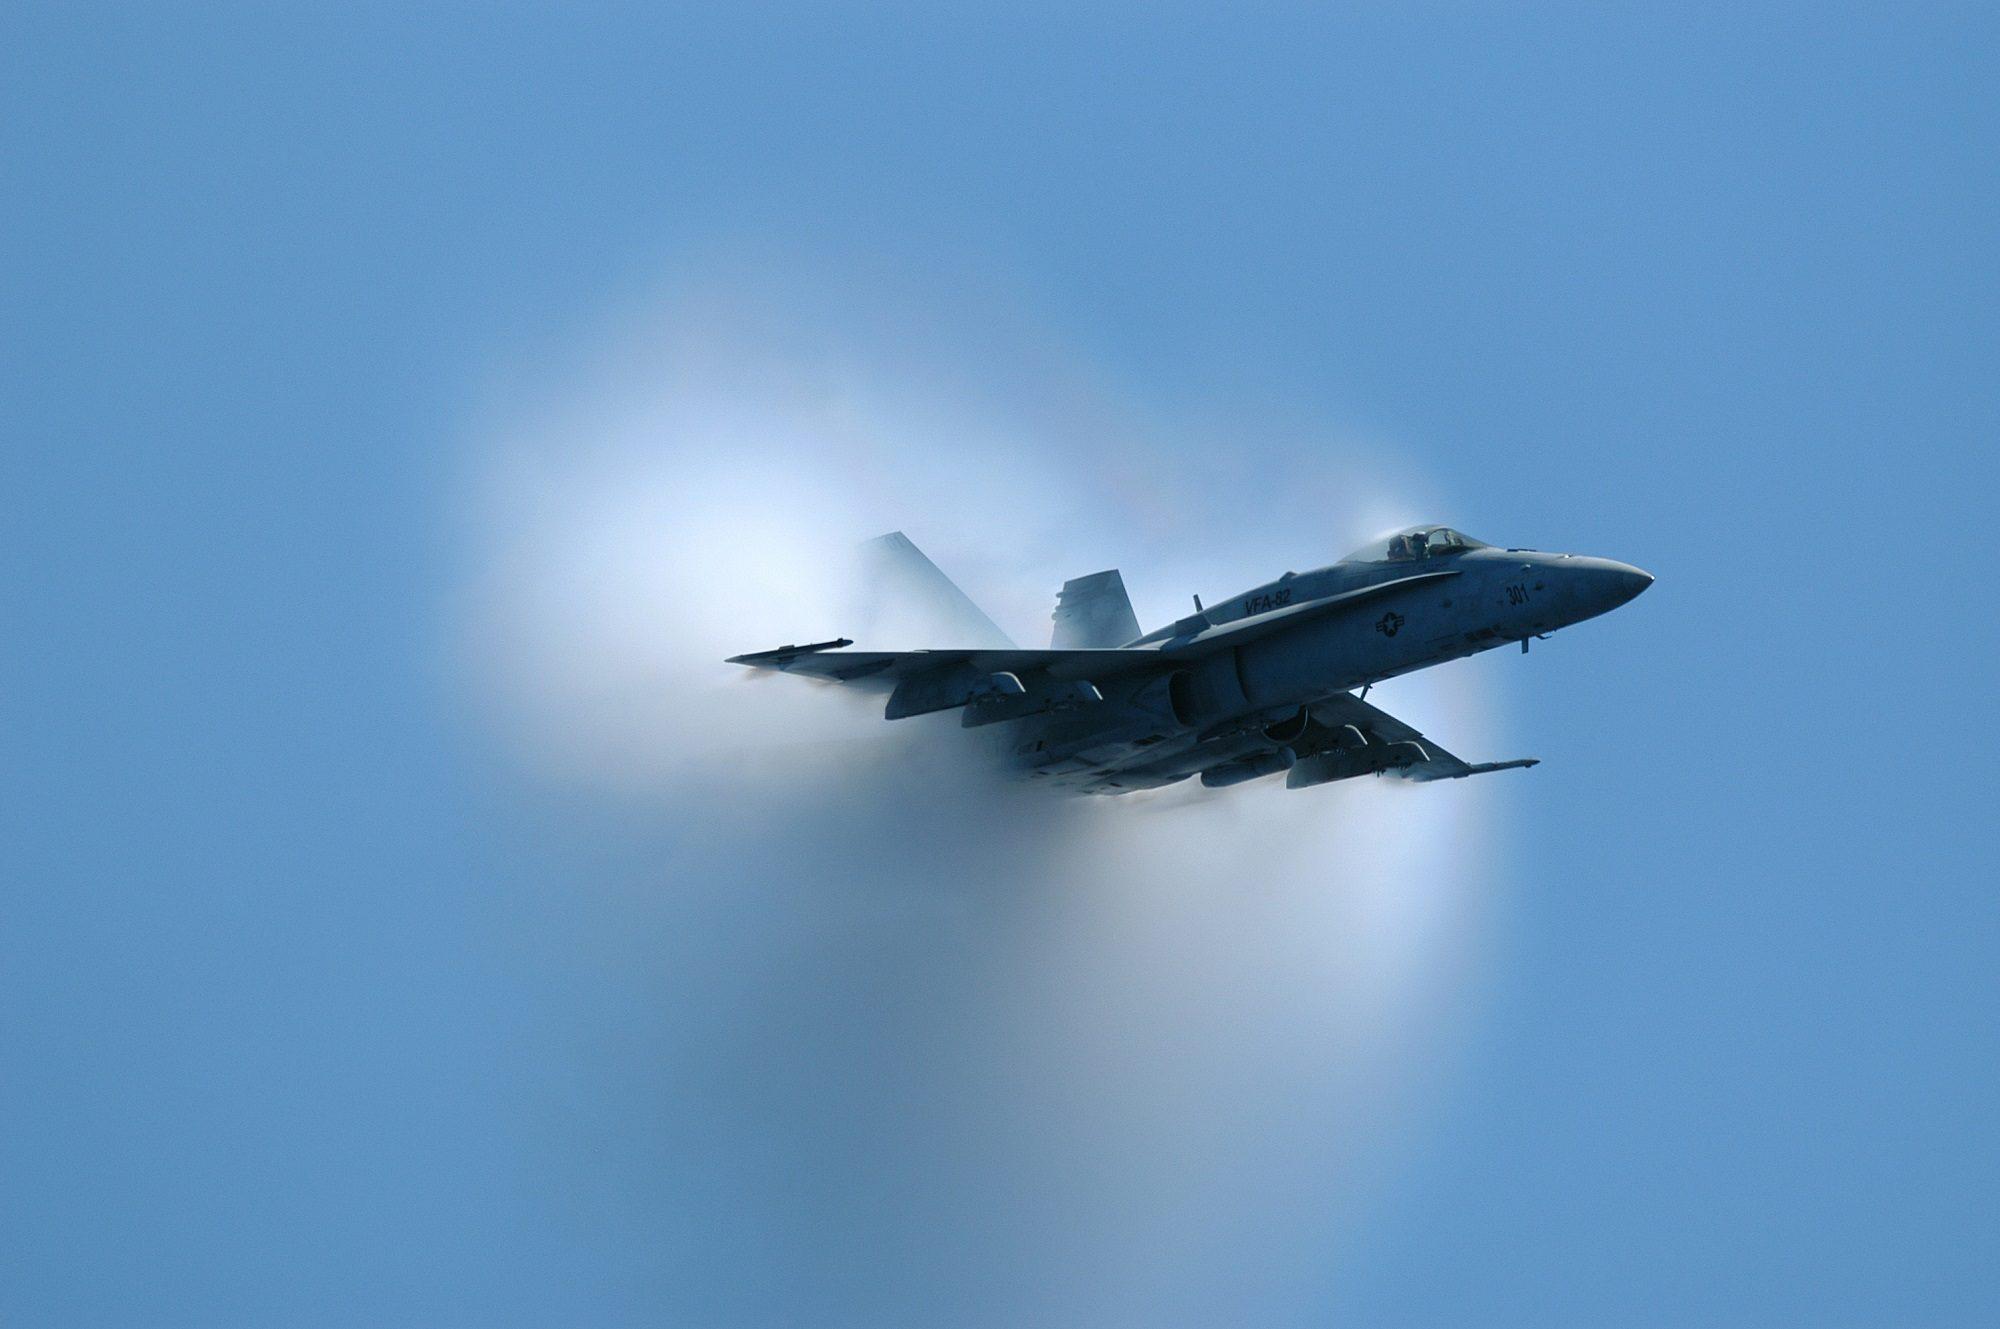 aviões, barreira, som, velocidade, explosão - Papéis de parede HD - Professor-falken.com